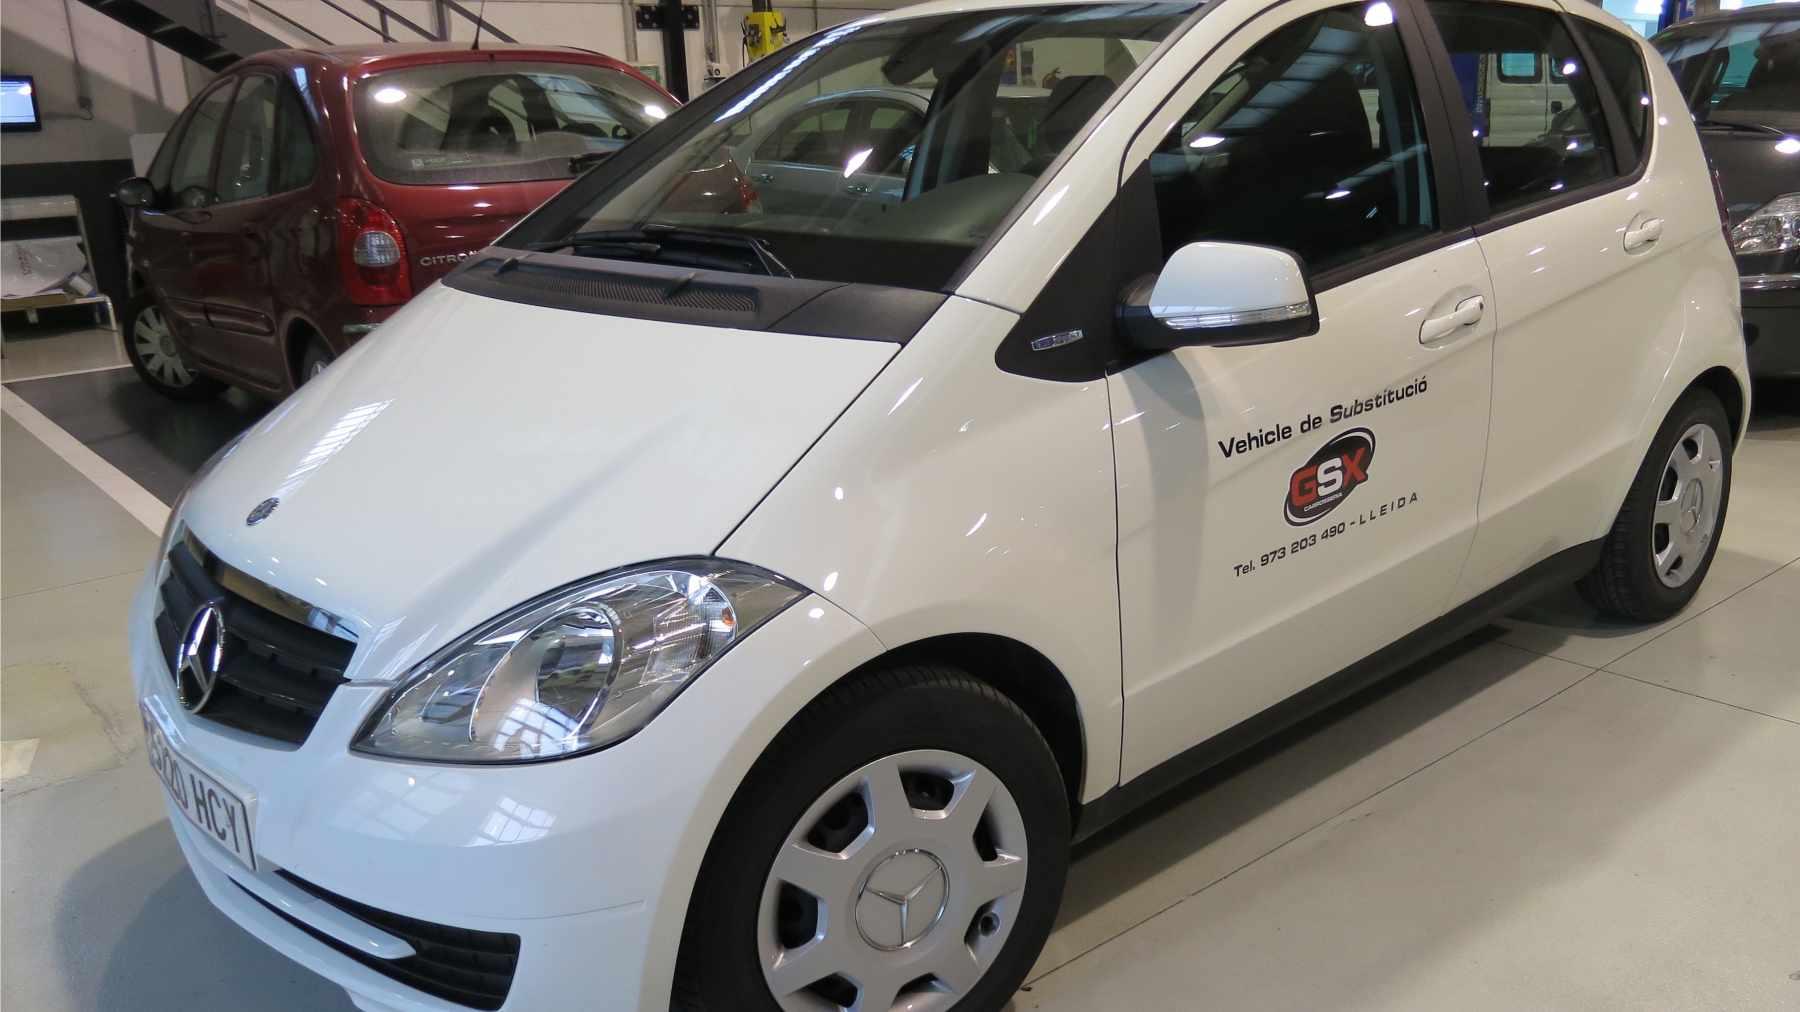 Vehicle de substitució - GSX Carrosseria, Taller de xapa i pintura